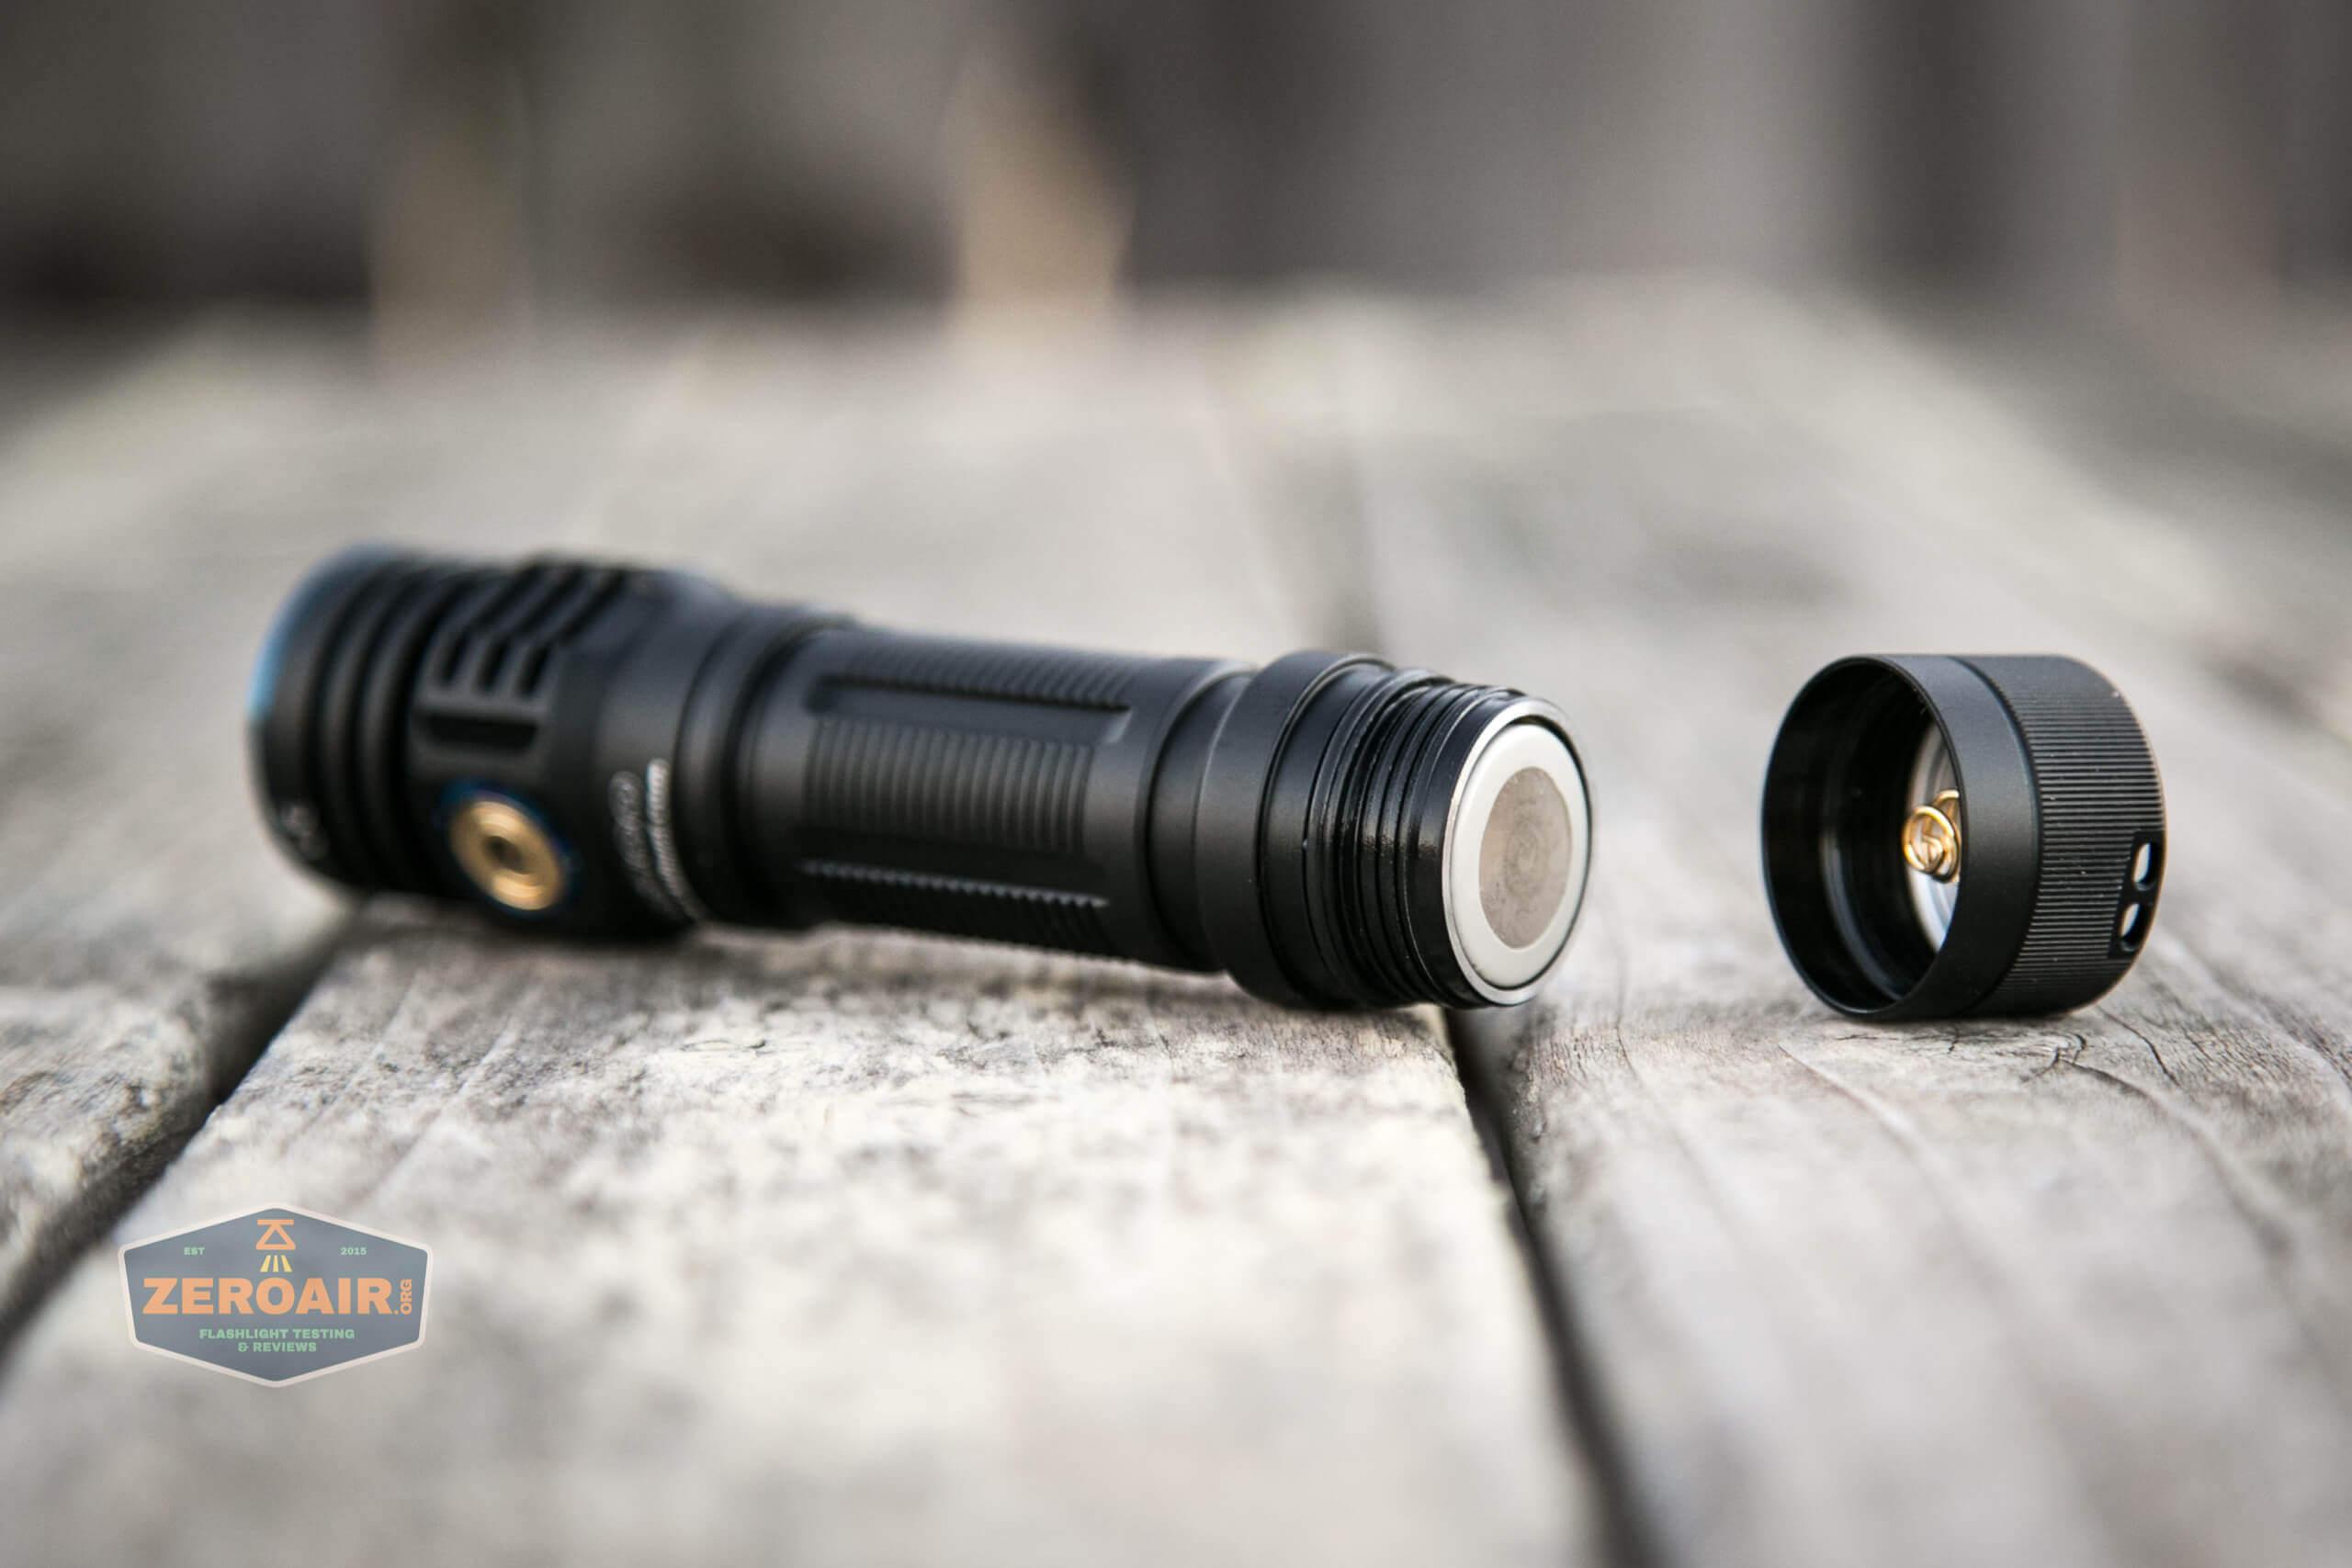 skilhunt m300 18650 flashlight cell installed